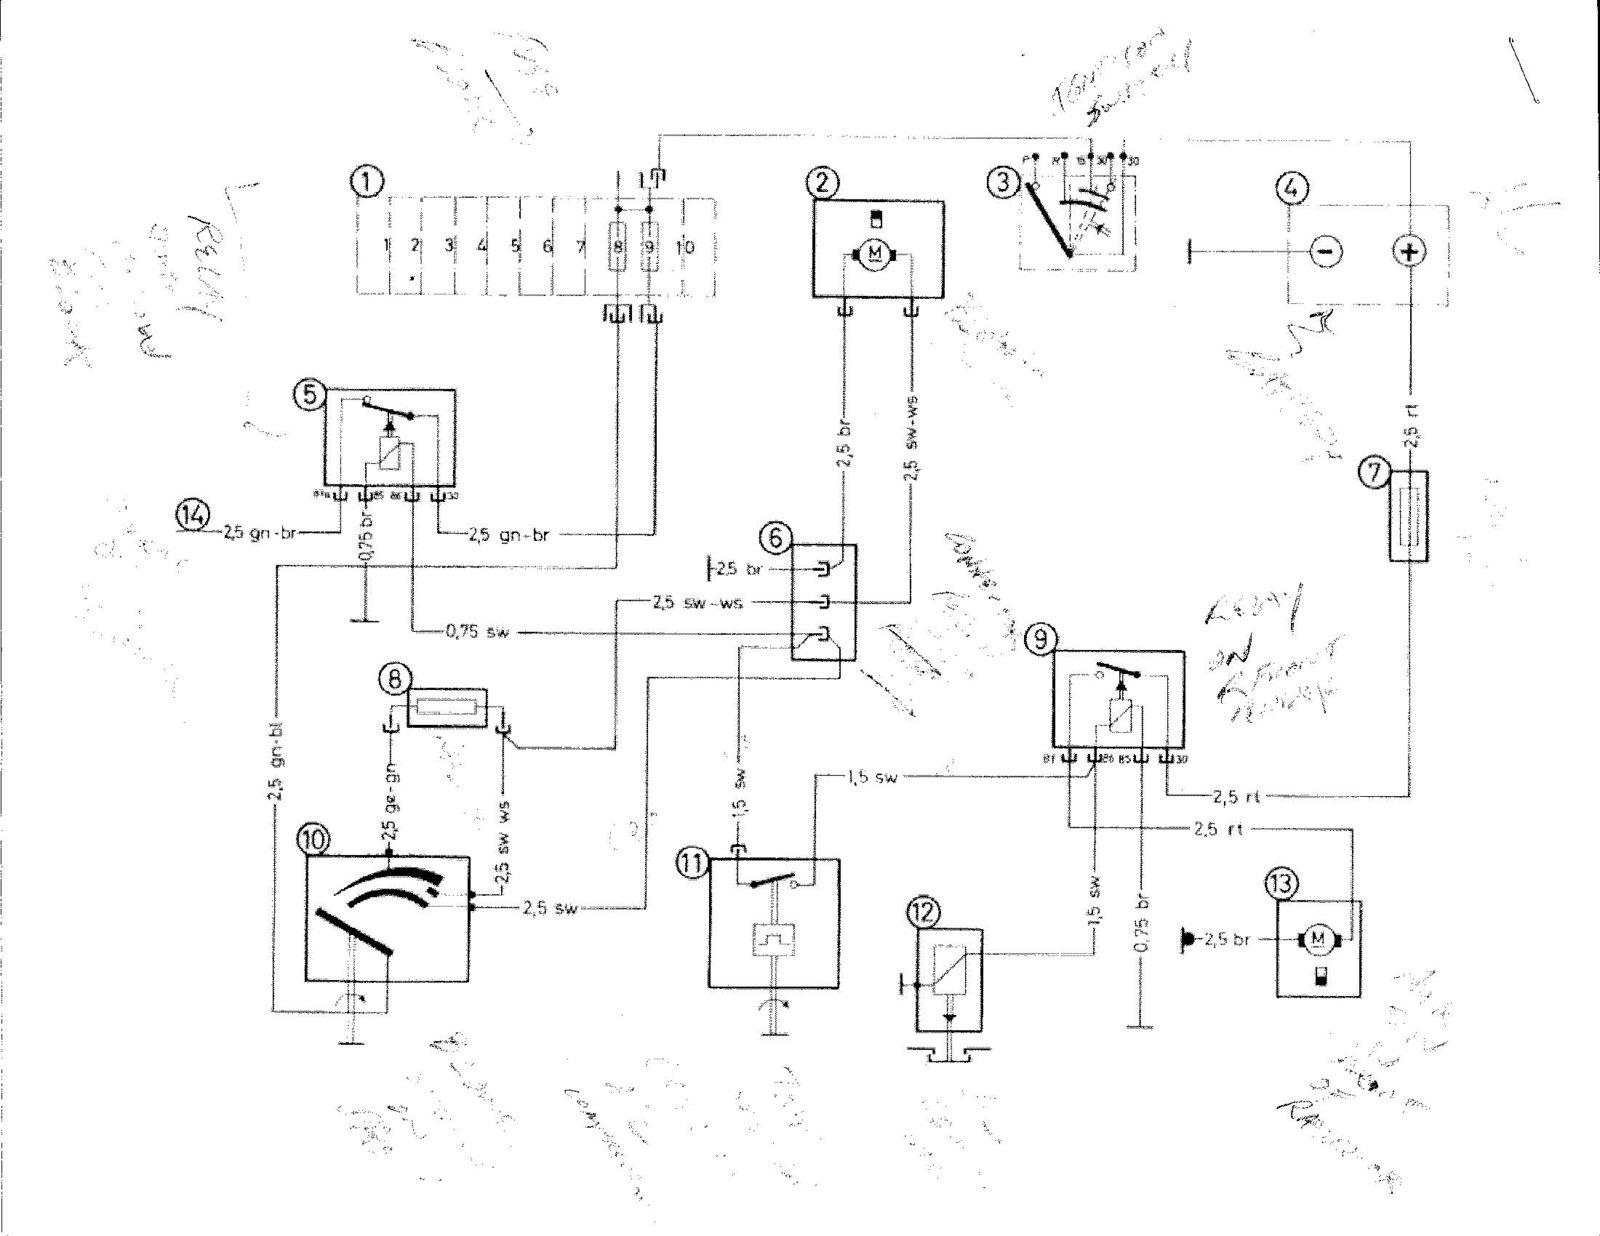 Bmw 2002 Wiring Diagram - Wiring Diagram Database  Sportster Wiring Diagram on 75 corvette wiring diagram, 75 sportster brakes, 75 sportster seats, 75 flh wiring diagram,